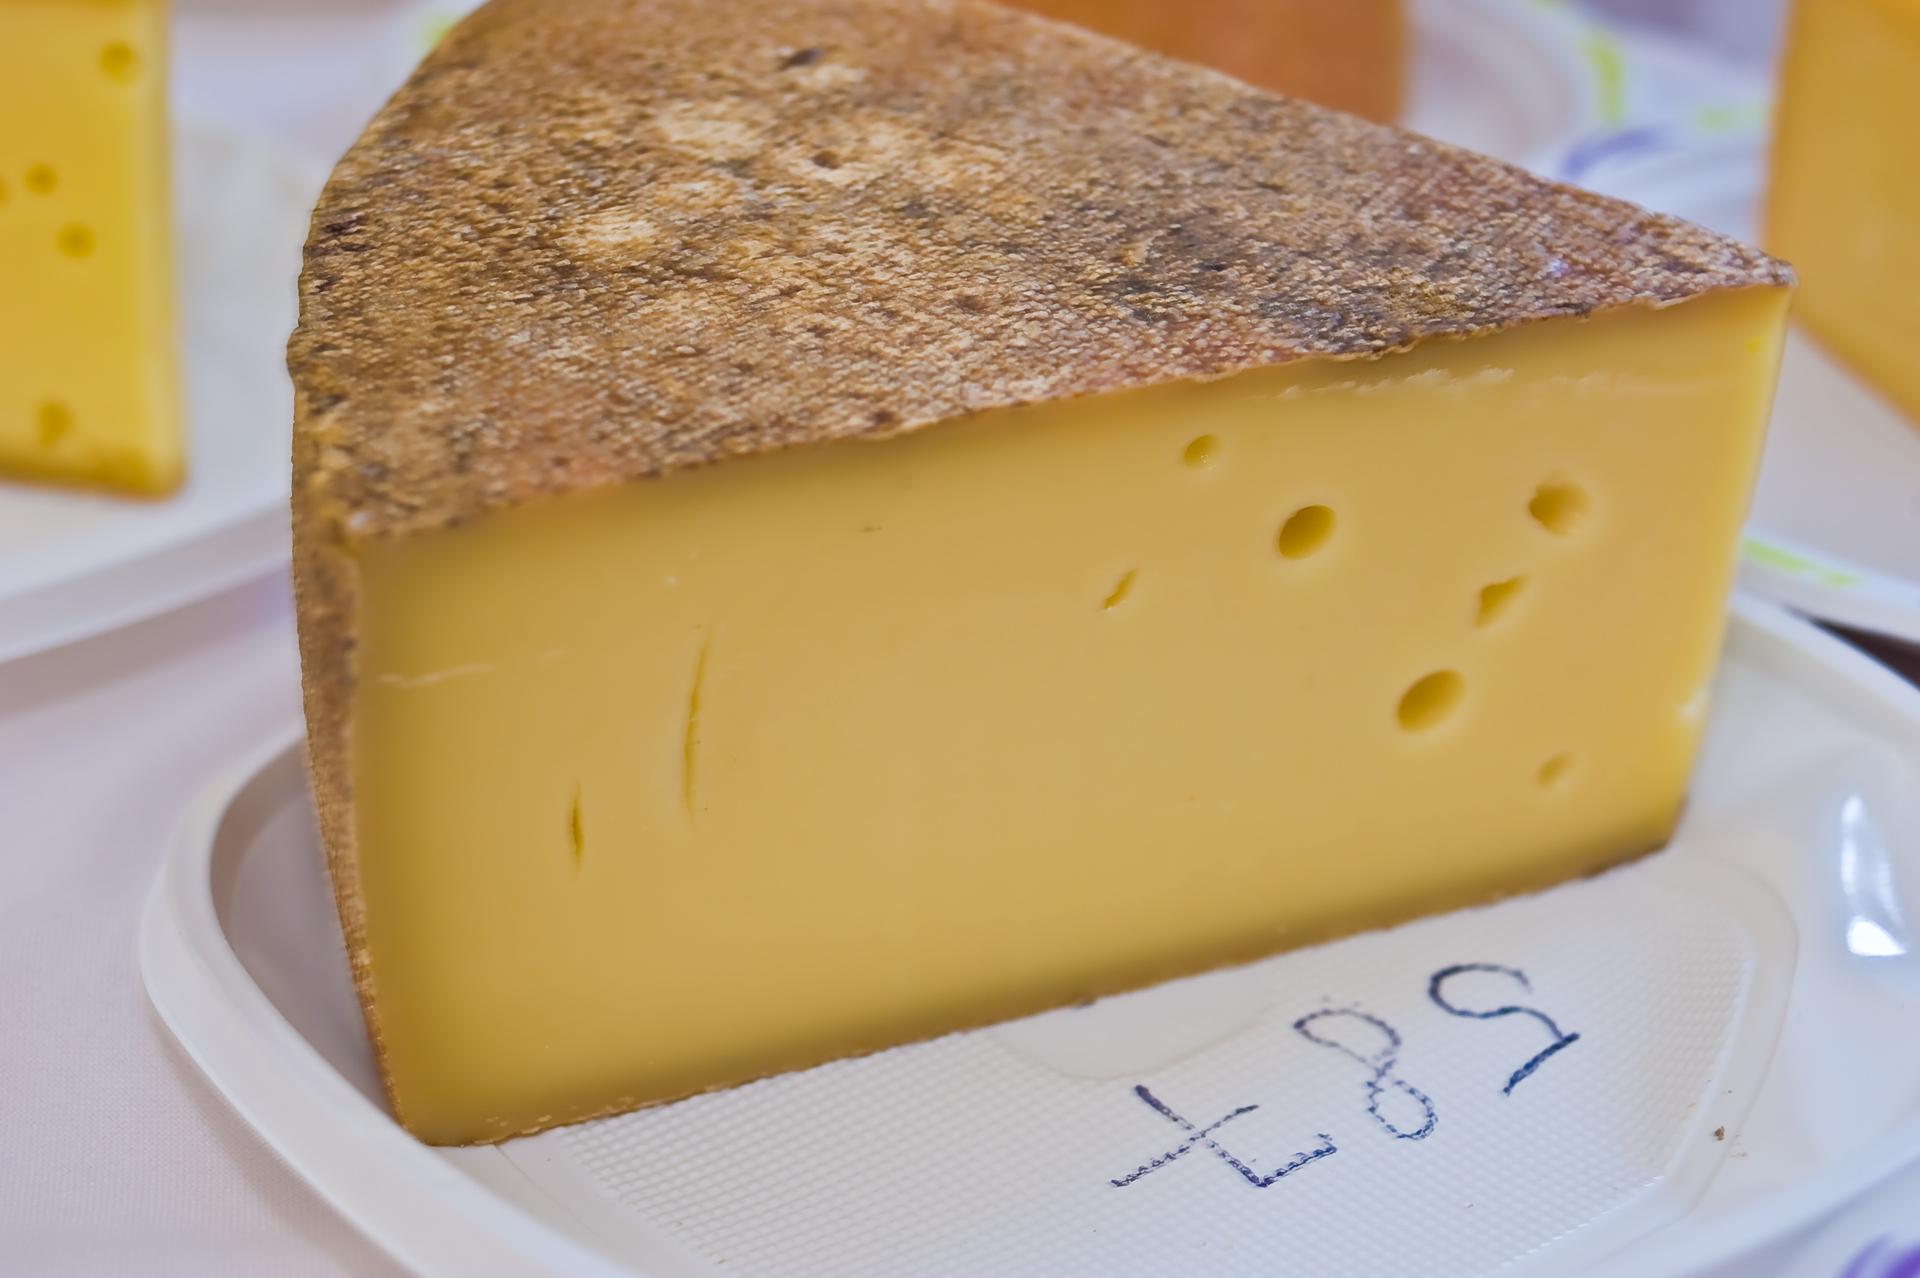 Érlelt félkemény sajt / Termelő: Sterczer Sándor (Kézdiszentlélek)